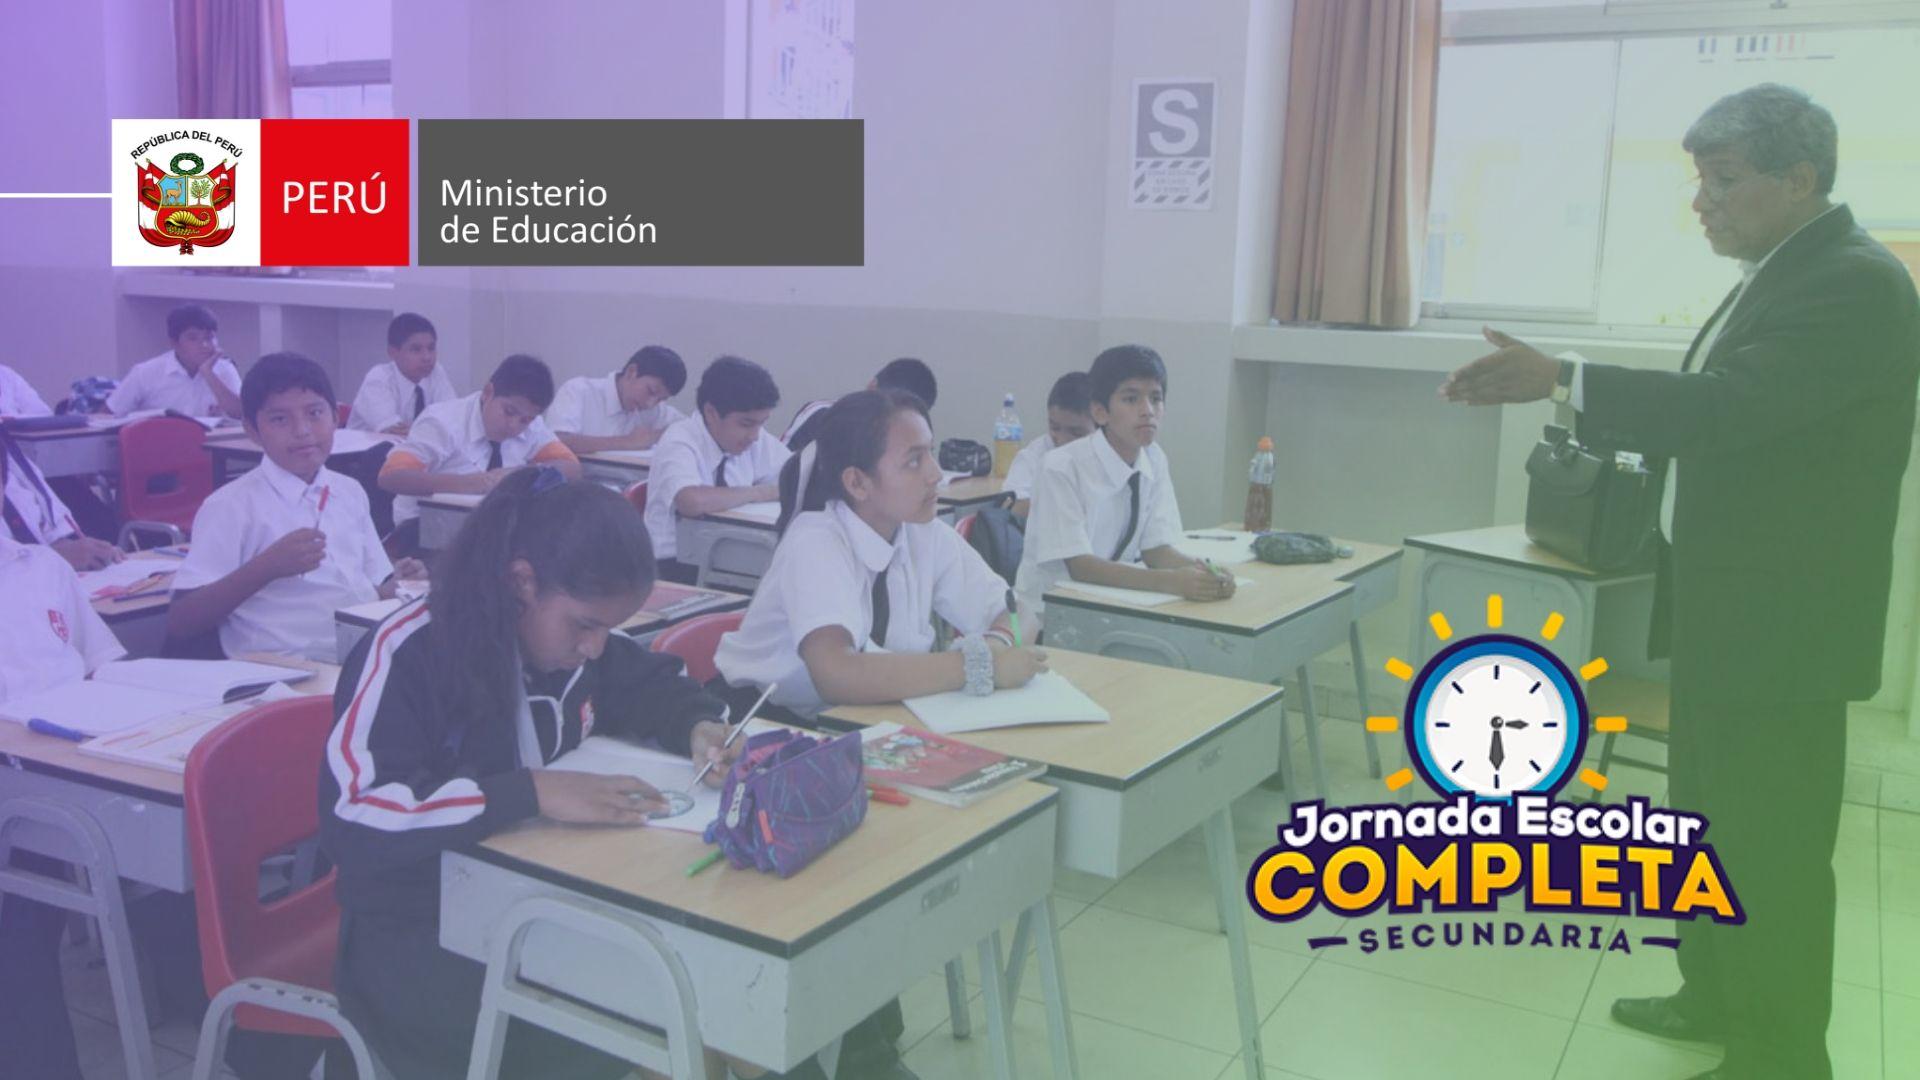 Qué son las sesiones JEC en Perú